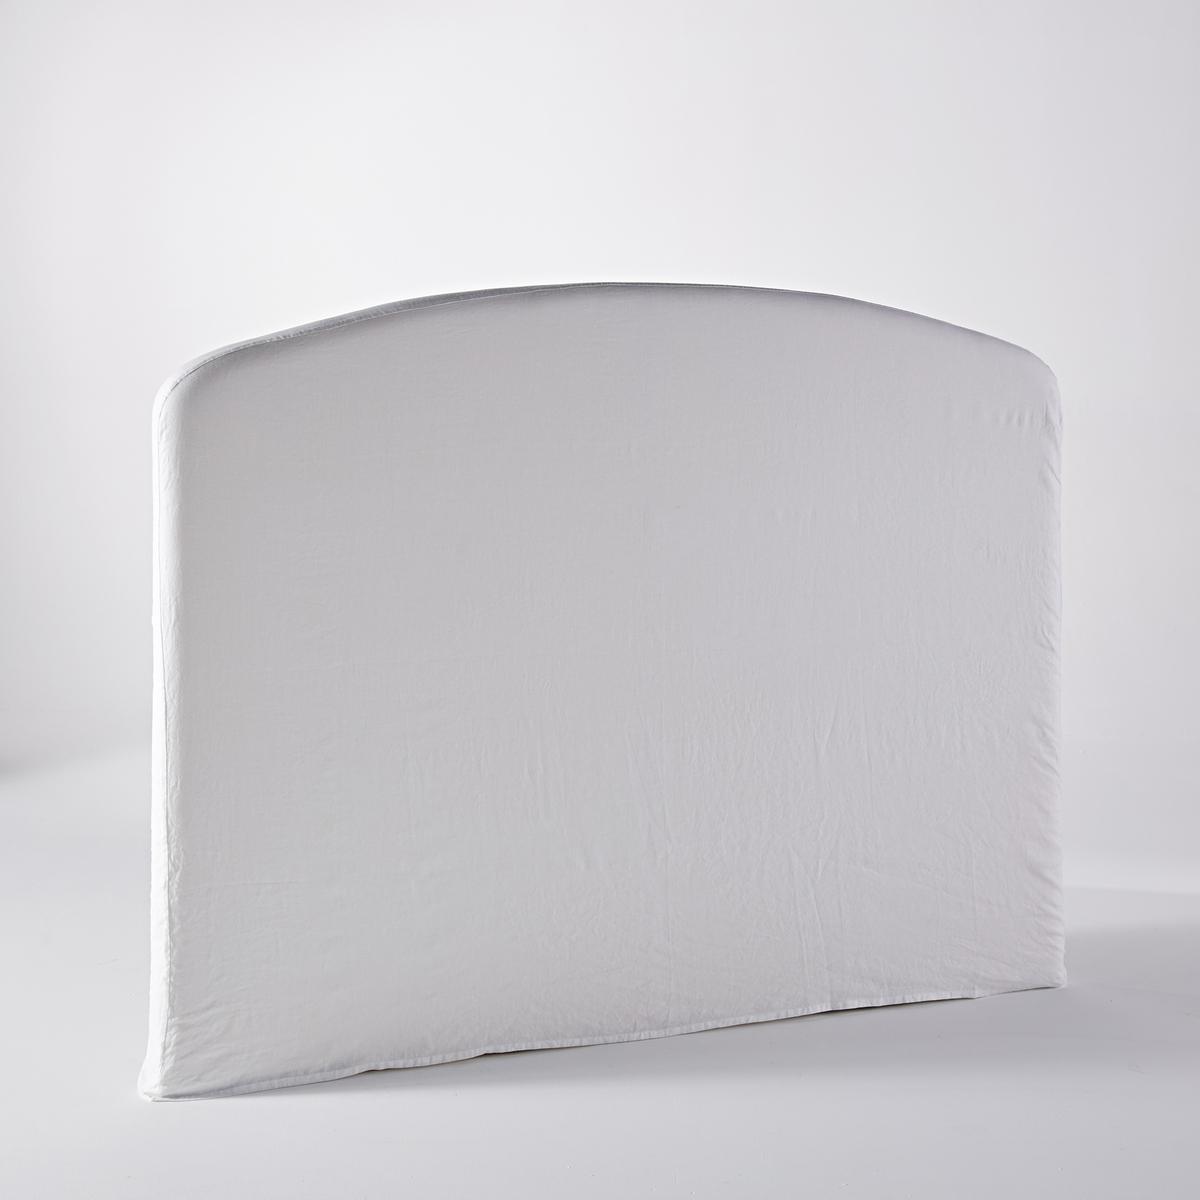 Чехол для изголовья кровати  VincentiusЧехол для изголовья кровати Vincentius, специально для изголовья кровати Vincentius, представленного на нашем сайте. Отделка плоским воланом, как на оригинальной и комфортной наволочке. Материал :- Из 100% плотного льна- Отделка плоским воланом 7,5 см- Сочетается с ящиком для хранения белья LIN?O, представленным на нашем сайте.Размеры :- 180 x 140 см<br><br>Цвет: белый,светло-синий